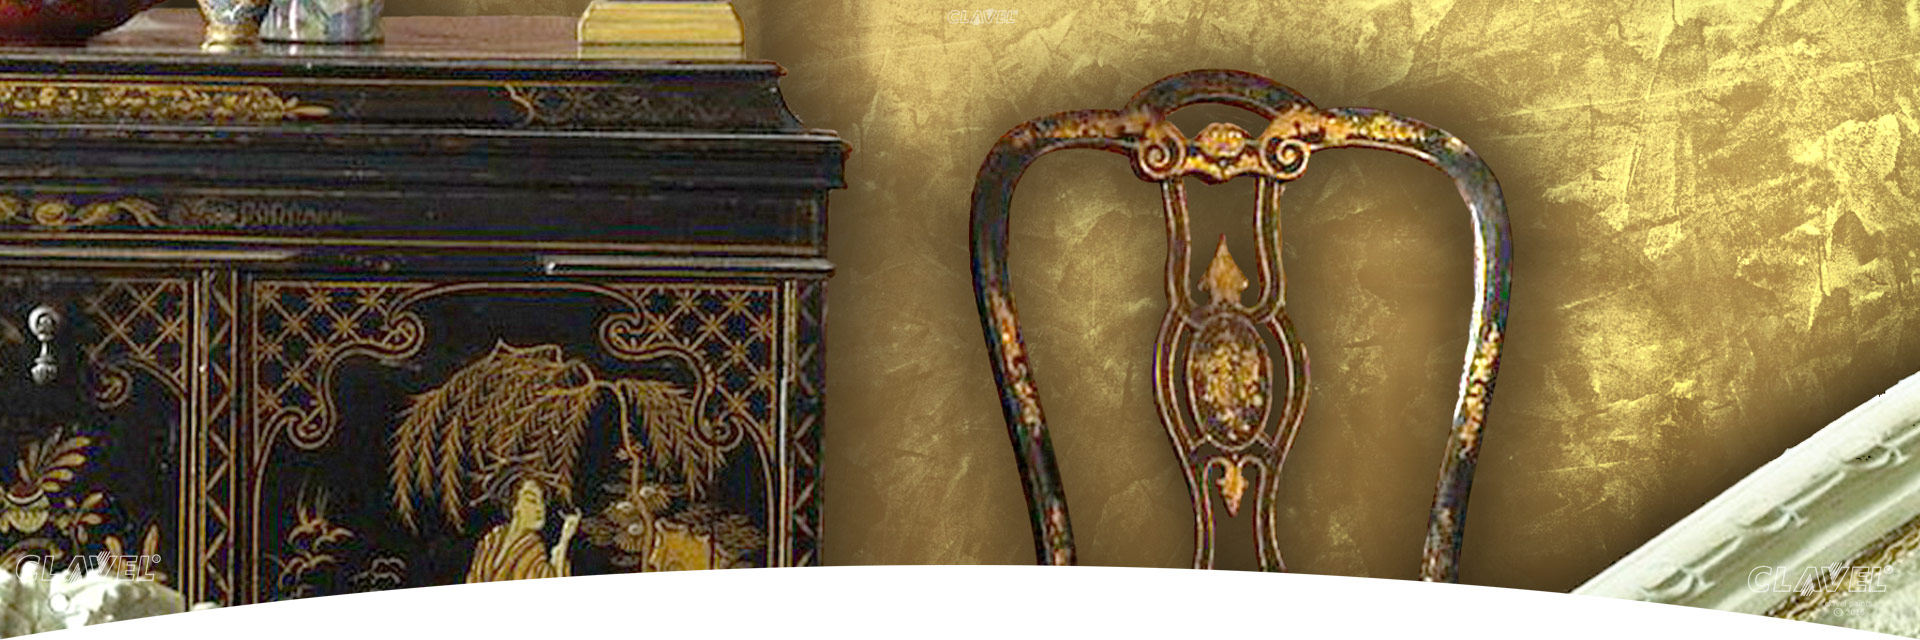 Венецианские штукатурки с эффектом золота - каталог эффектов